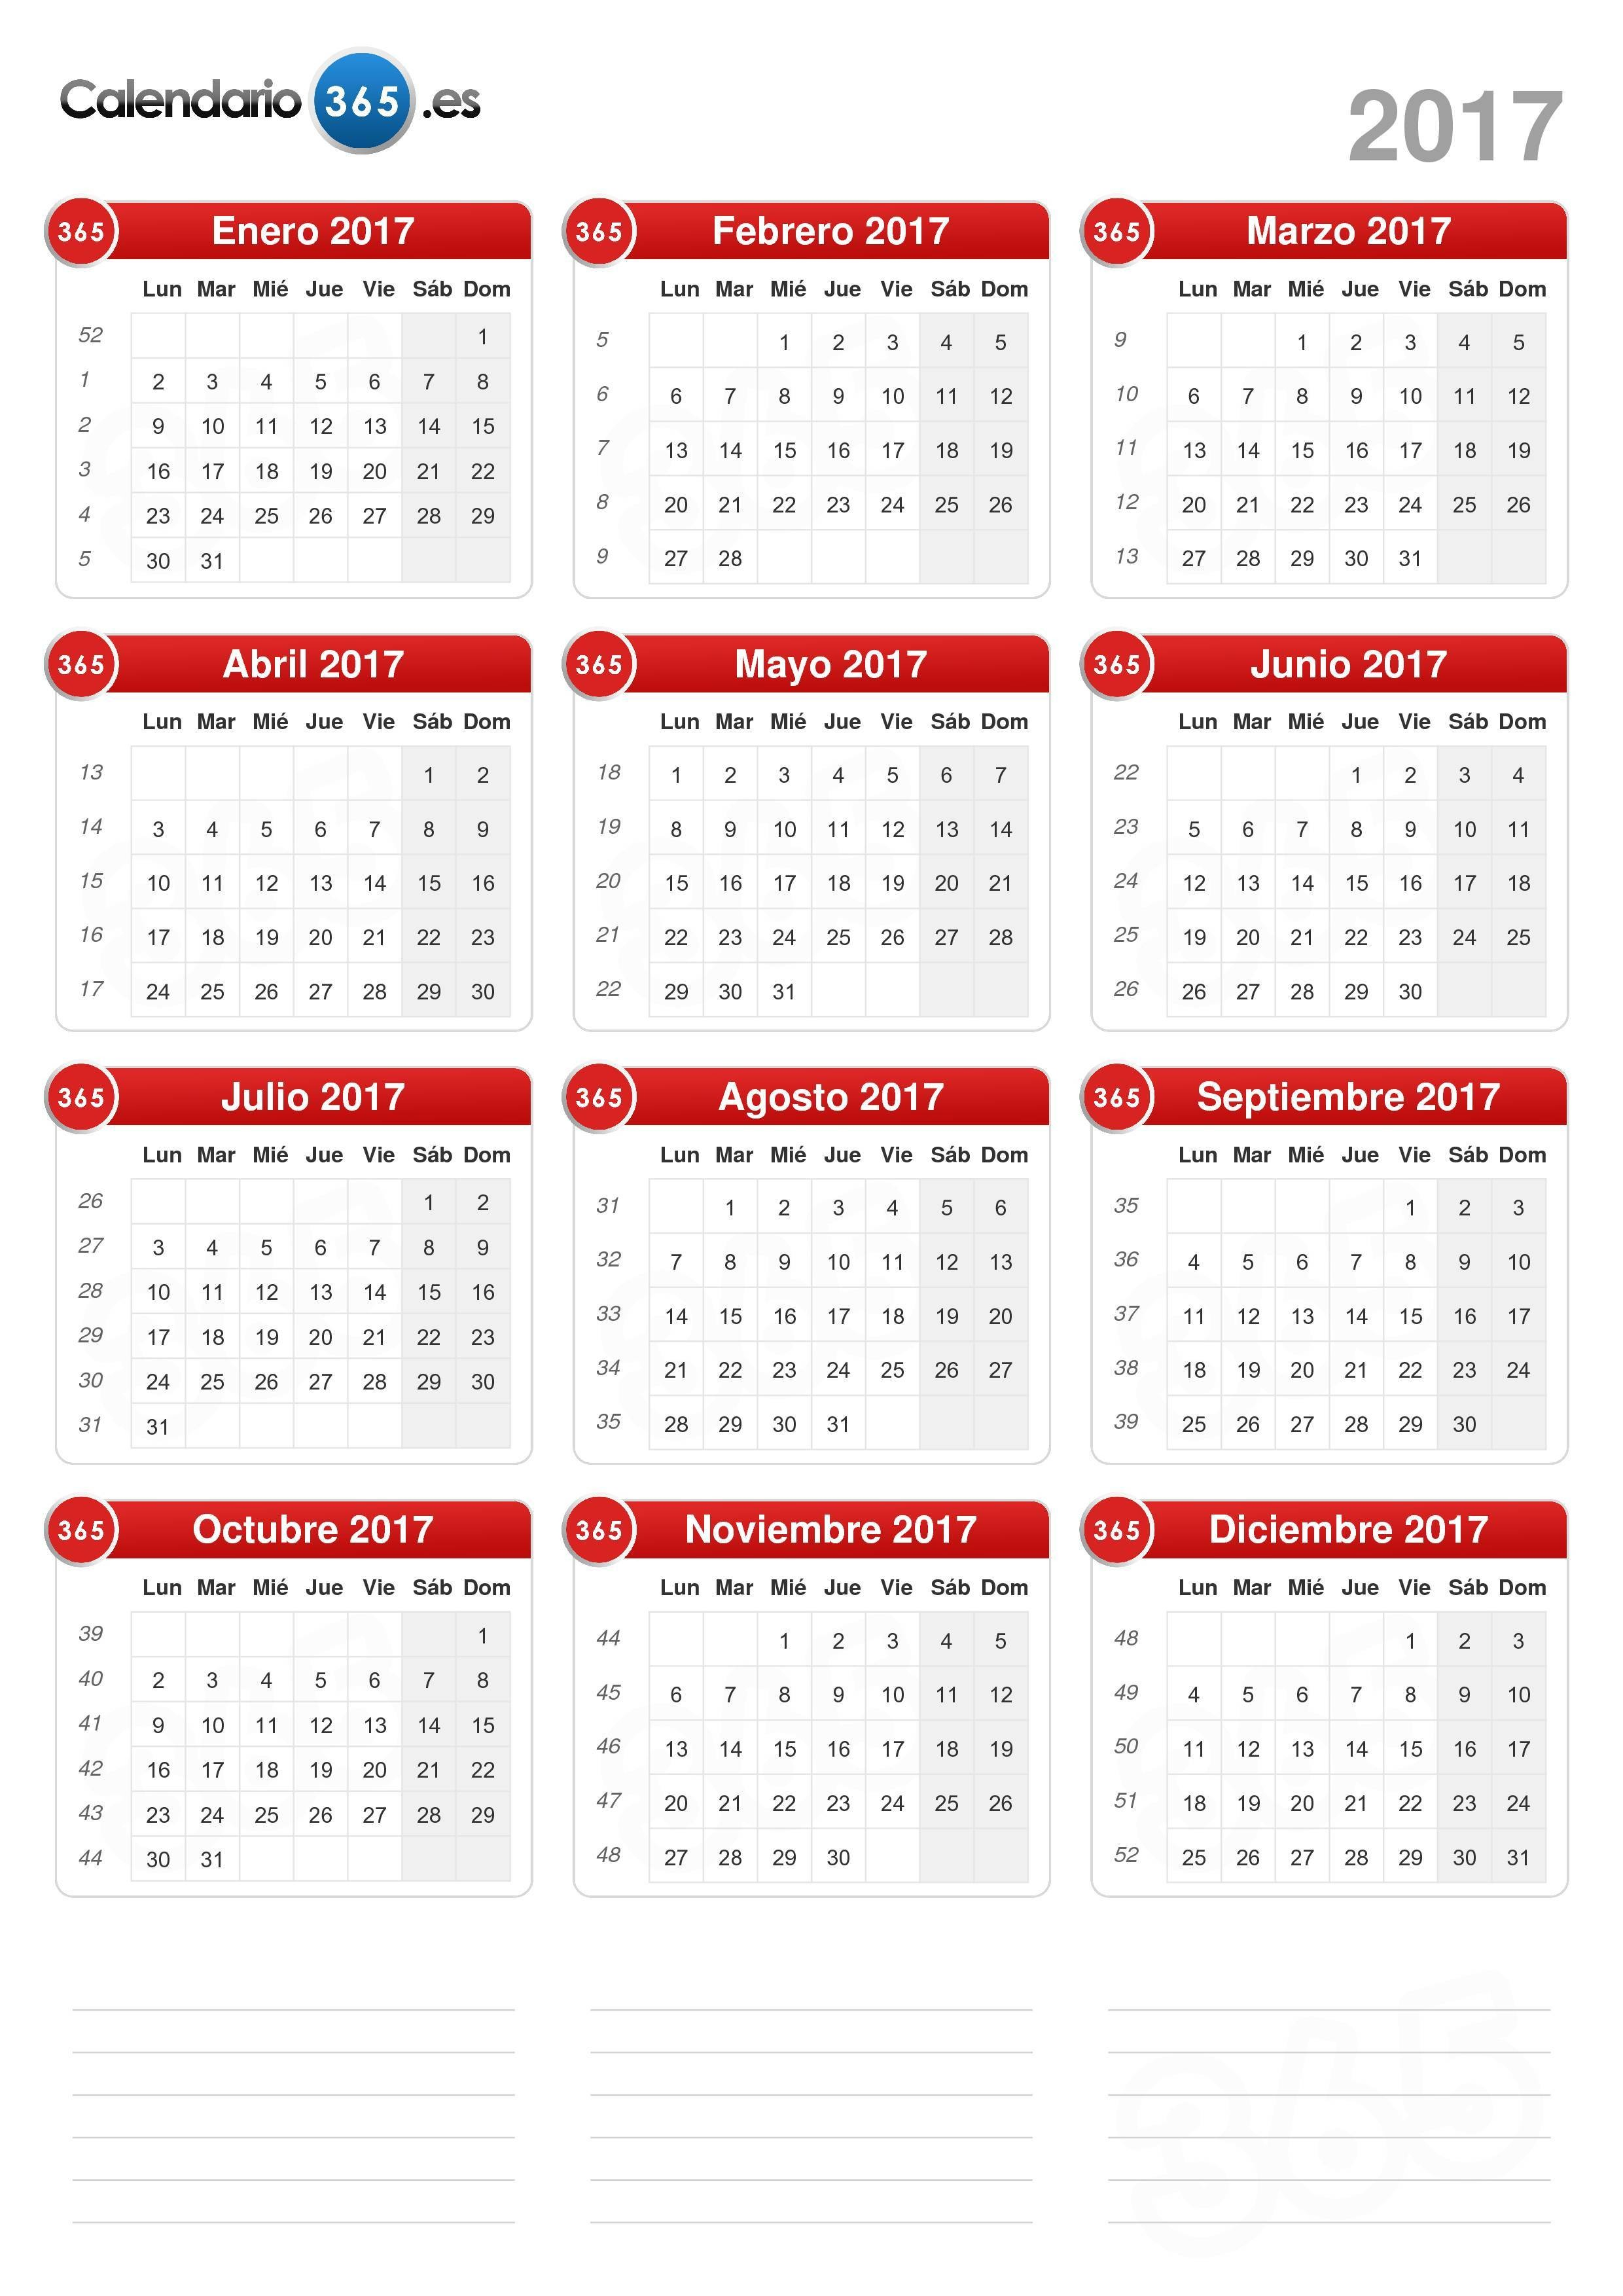 Calendario De Semana Santa Y Pascua 2019 Más Caliente Calendario 2017 Of Calendario De Semana Santa Y Pascua 2019 Más Arriba-a-fecha Eclesiastes 7 10